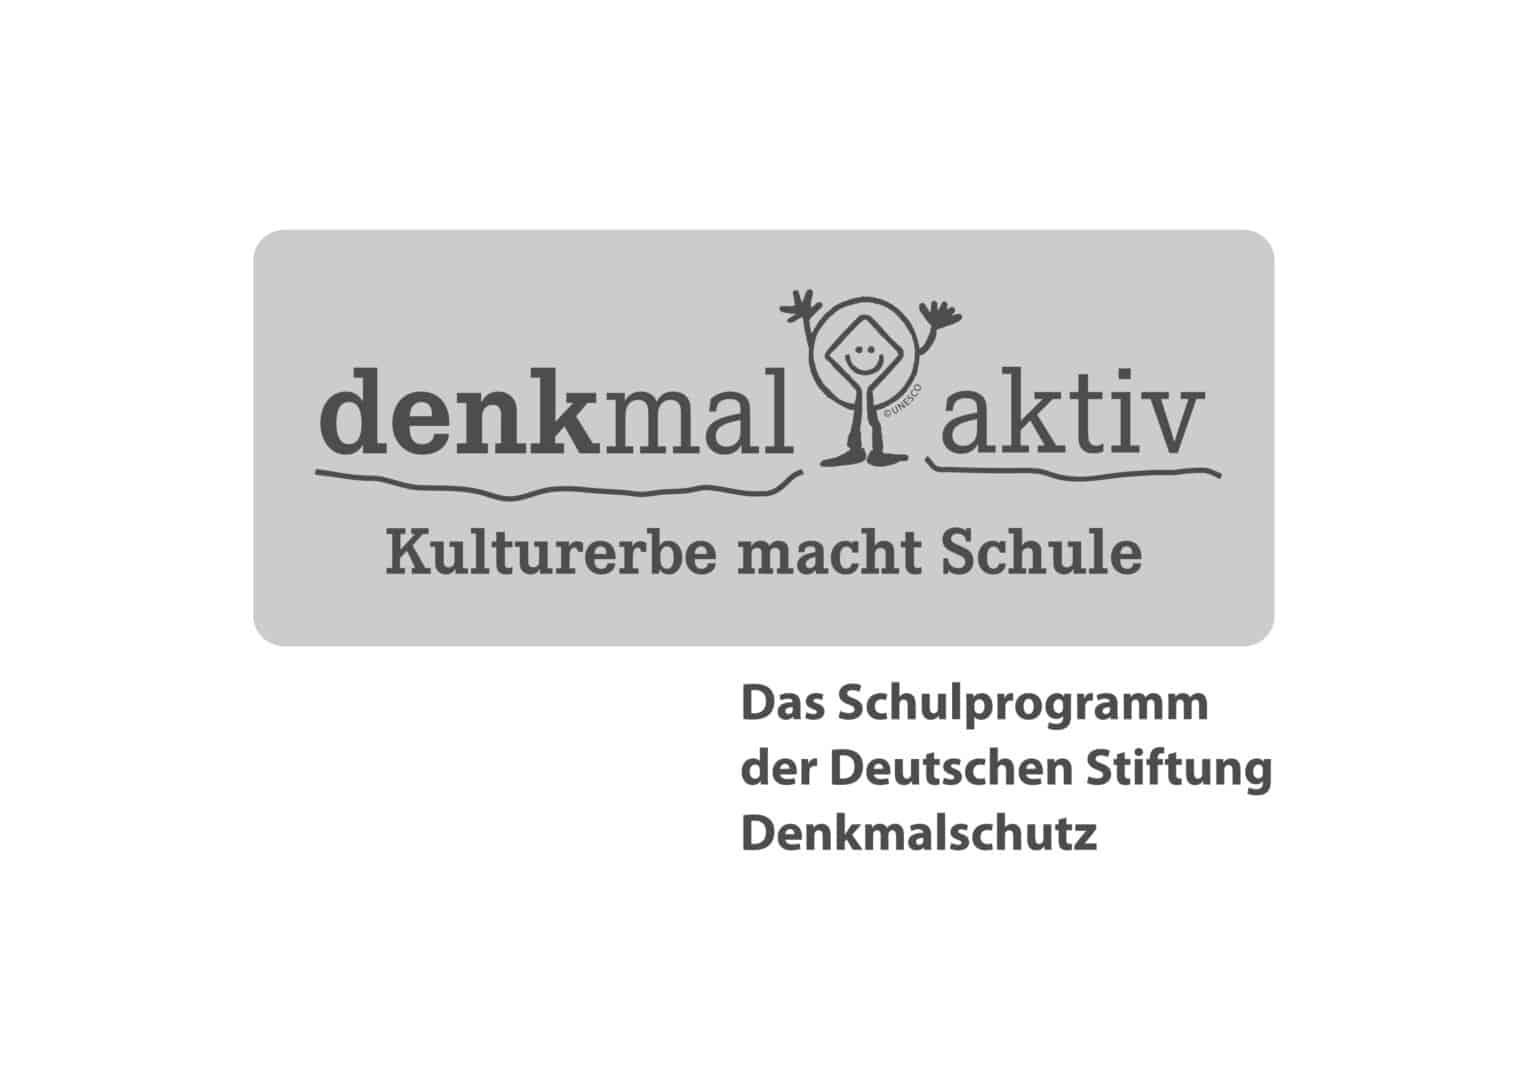 denkmalaktiv_Logo_standalone_grau